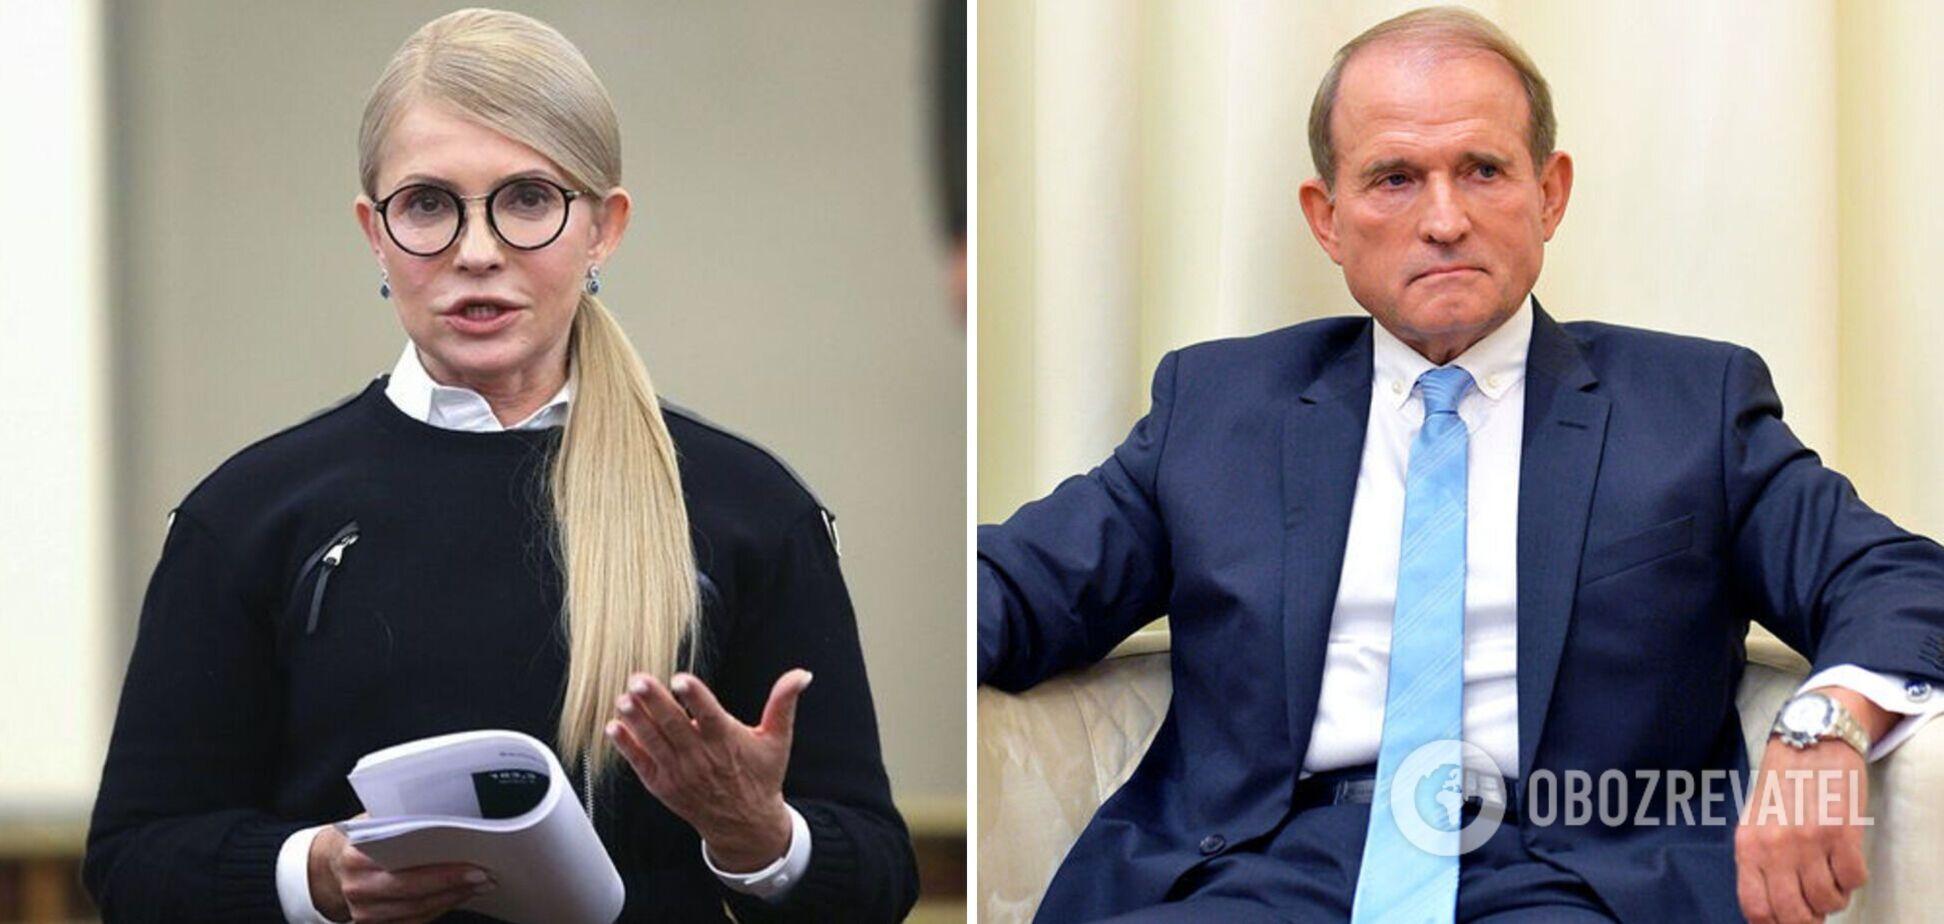 Тимошенко потерпела фиаско. Запретить мне упоминать о ее сотрудничестве с Медведчуком не получится